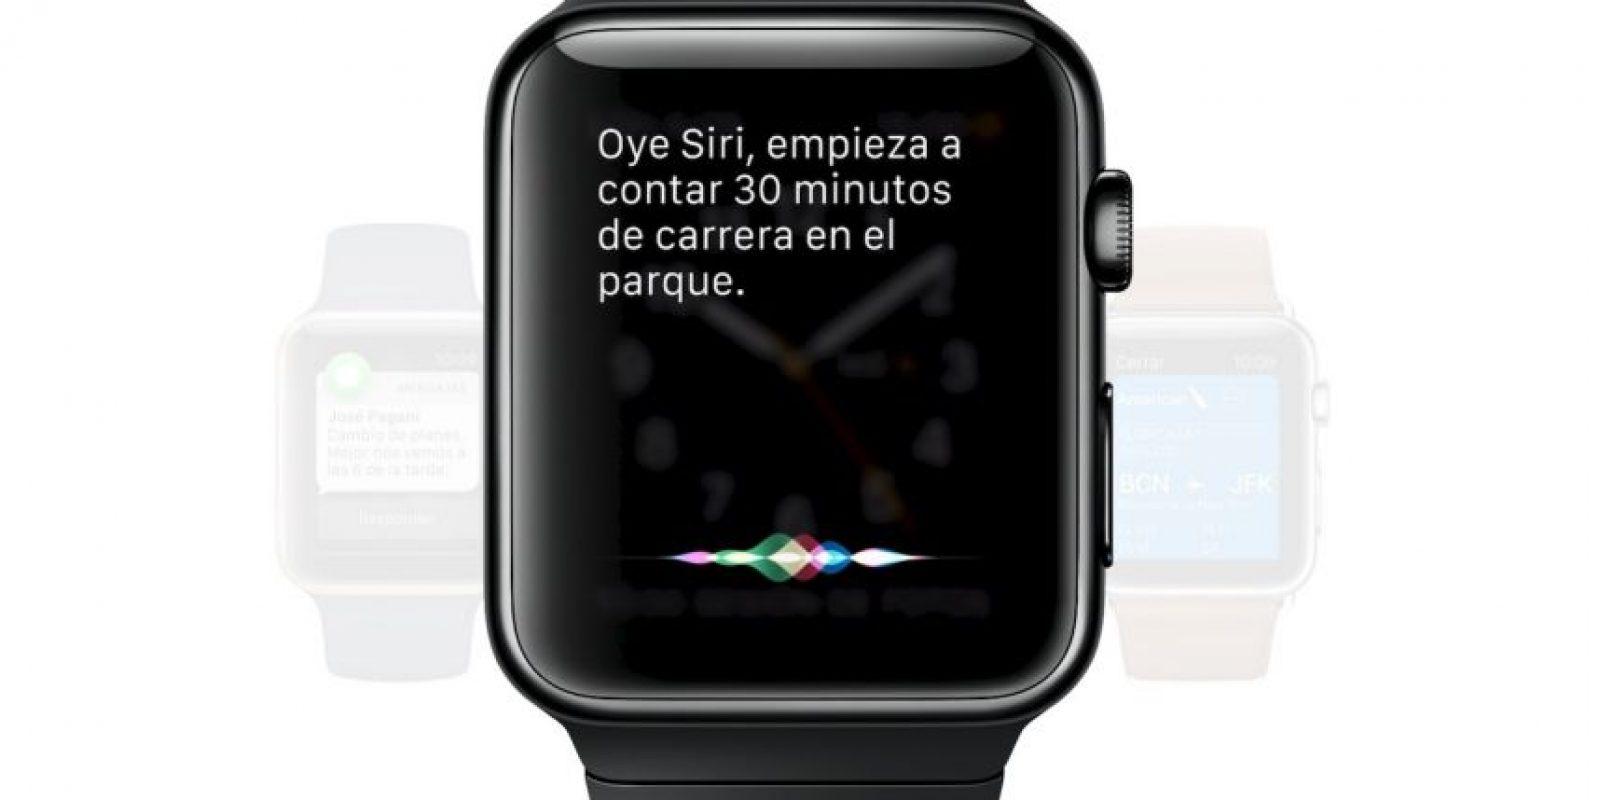 Cuenta con tres modelos entre los que pueden escoger y personalizarlo con la gran cantidad de bandas existentes. Es posible usar Siri para enviar un mensaje, tiene una app dedicada al ejercicio y otras más de entrenamiento que utilizan su motor de latidos del corazón. Foto:Apple